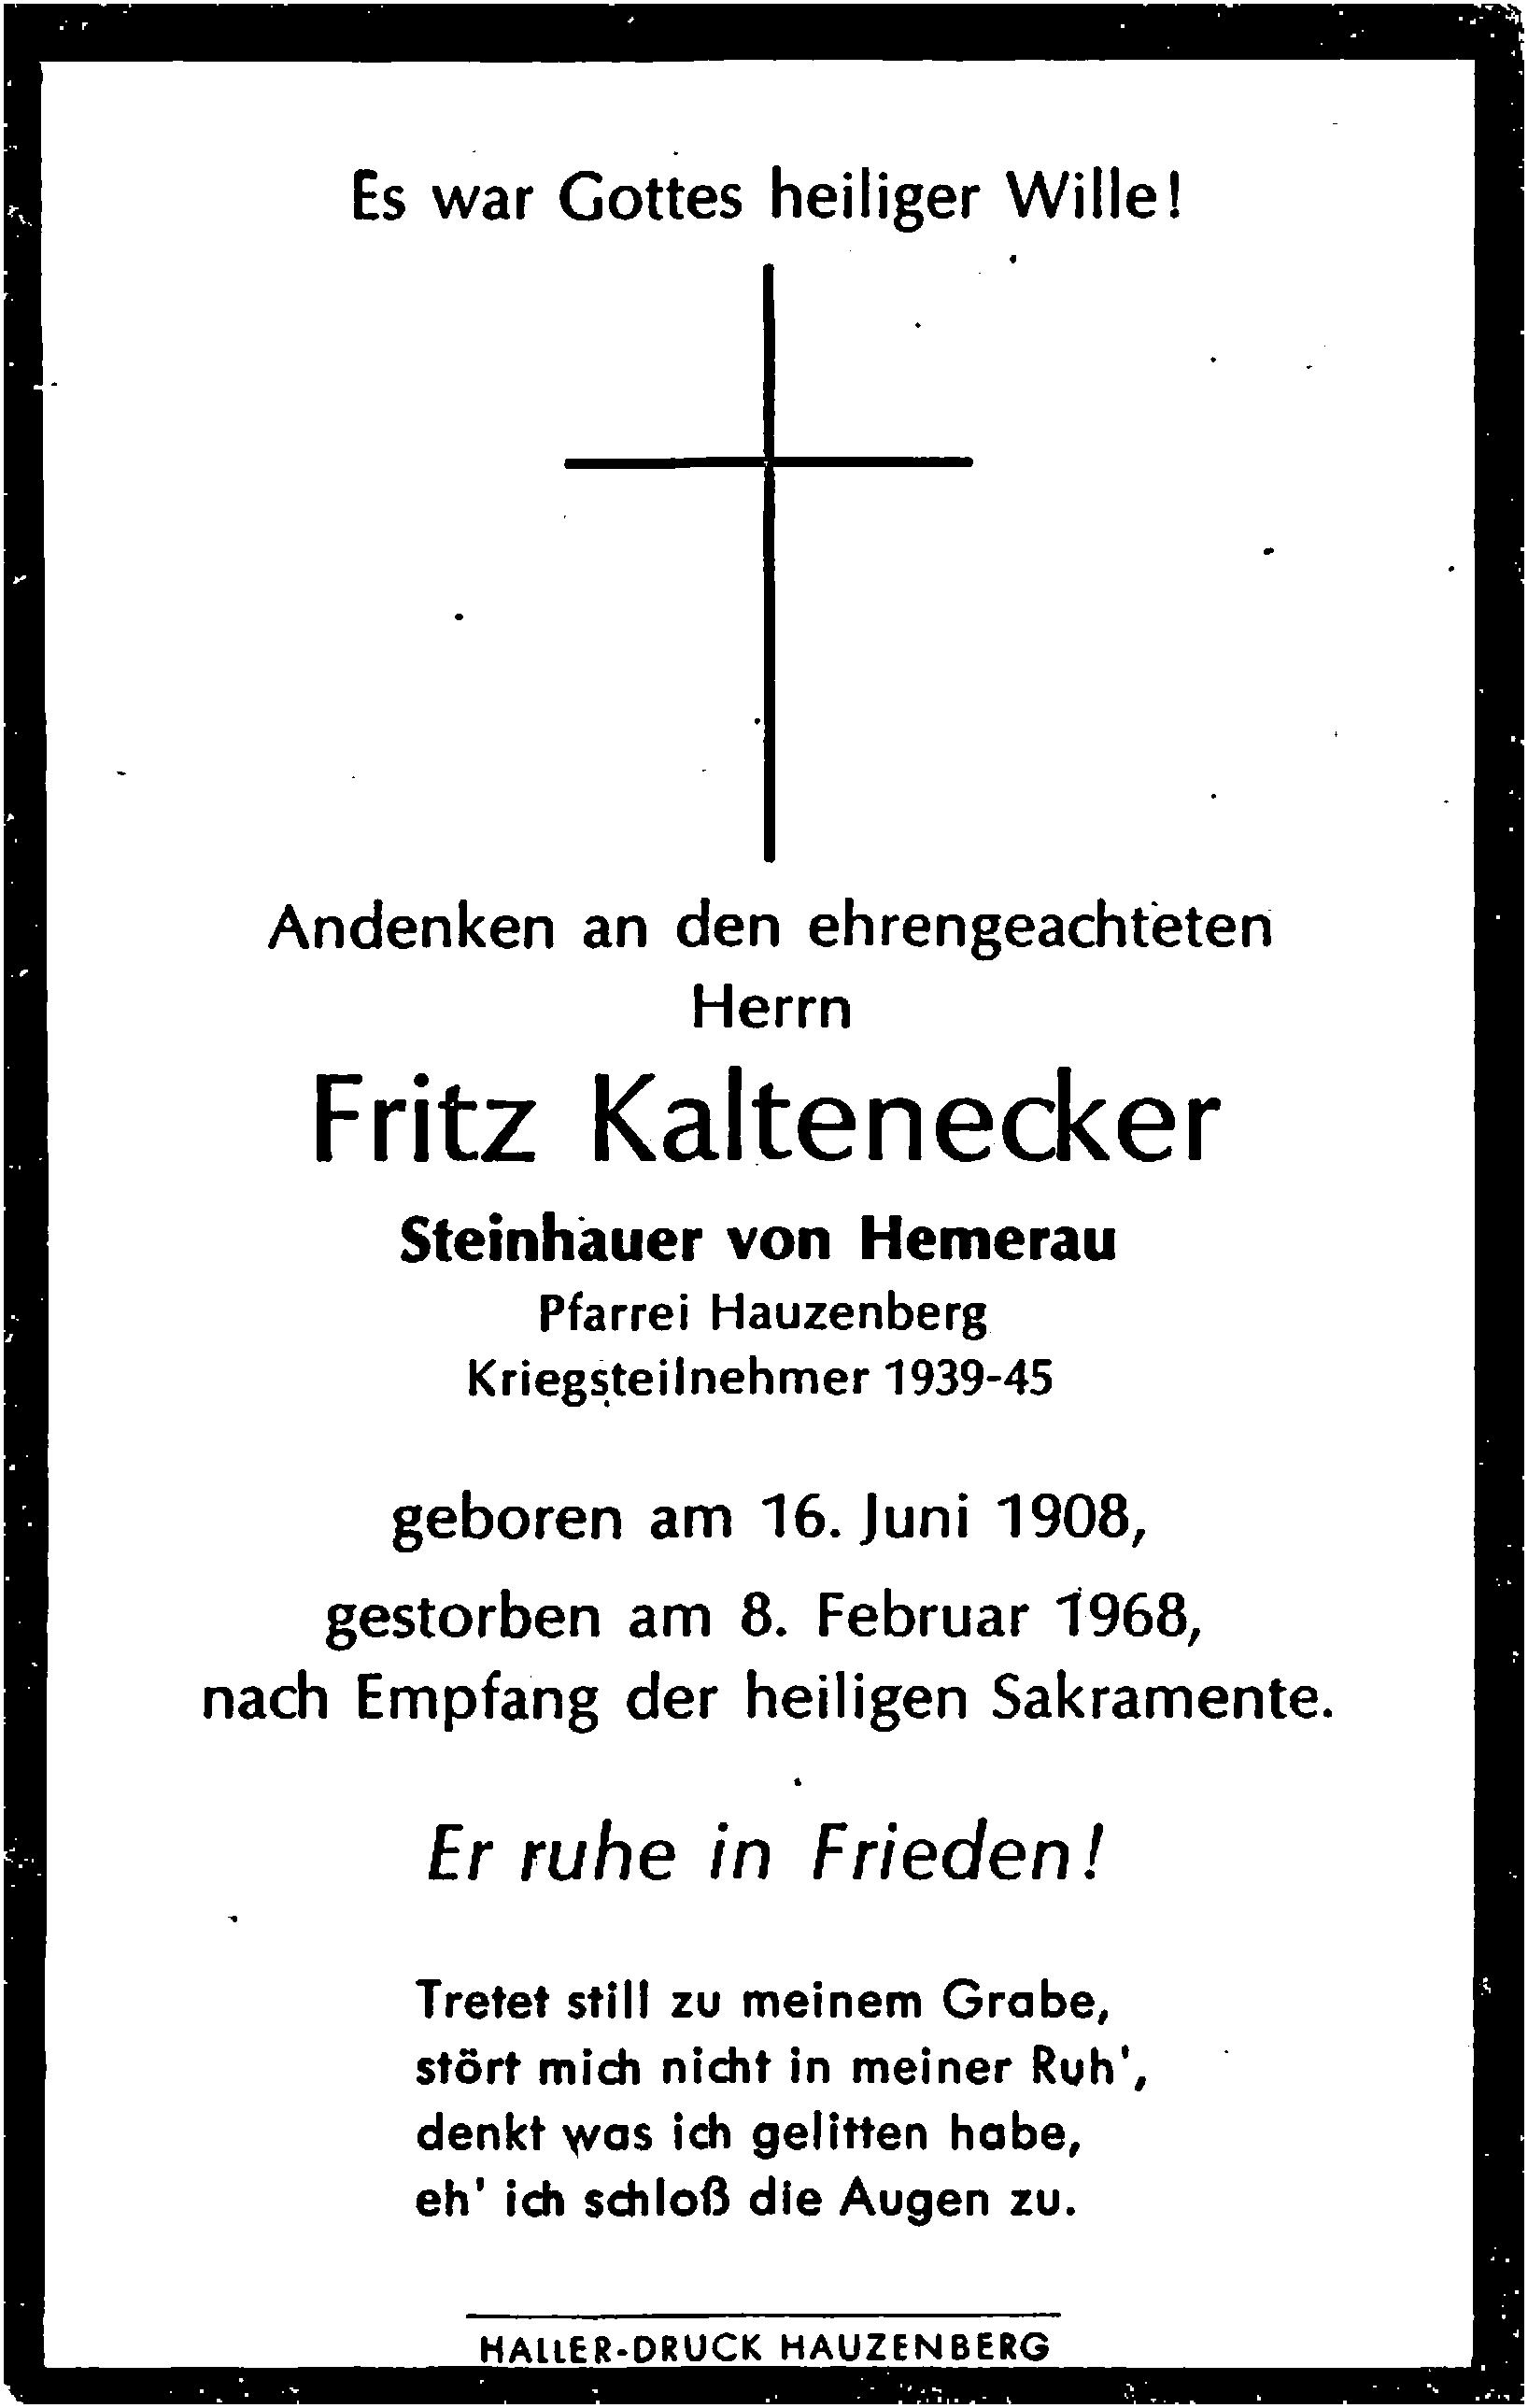 1968-02-08-Kaltenecker-Fritz-Hemerau-Steinhauer